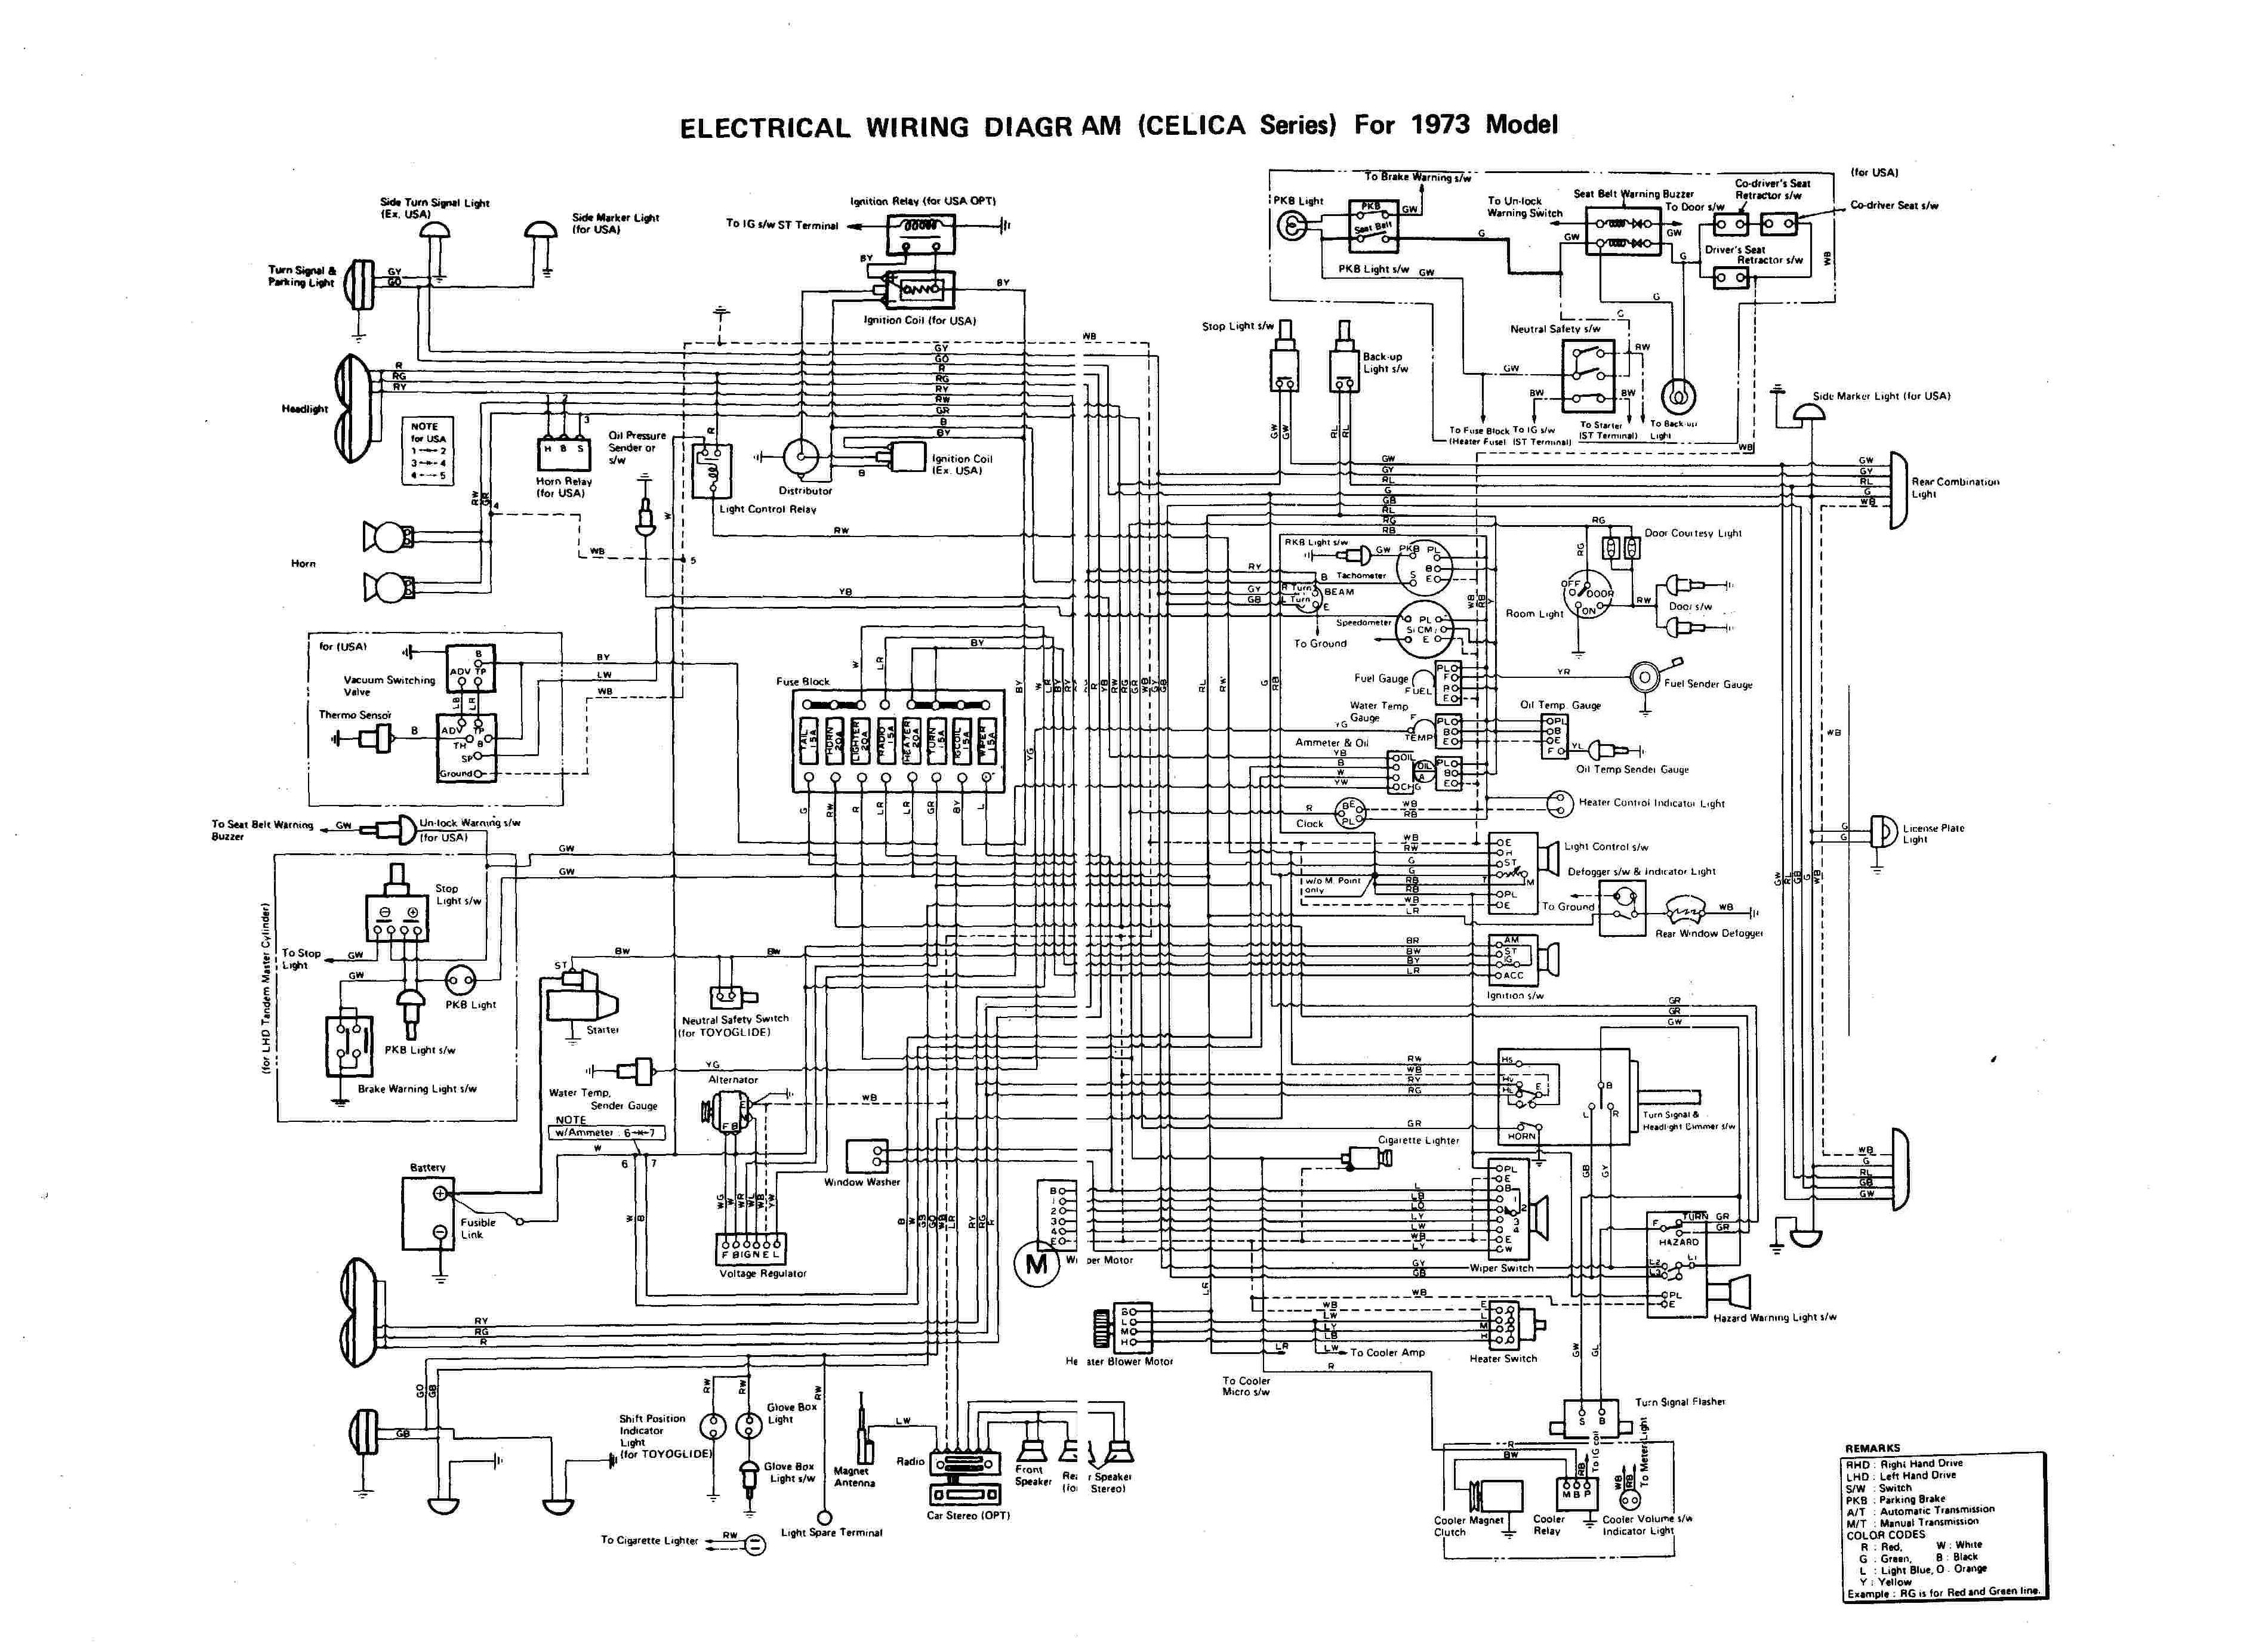 2010 keystone cougar wiring diagram